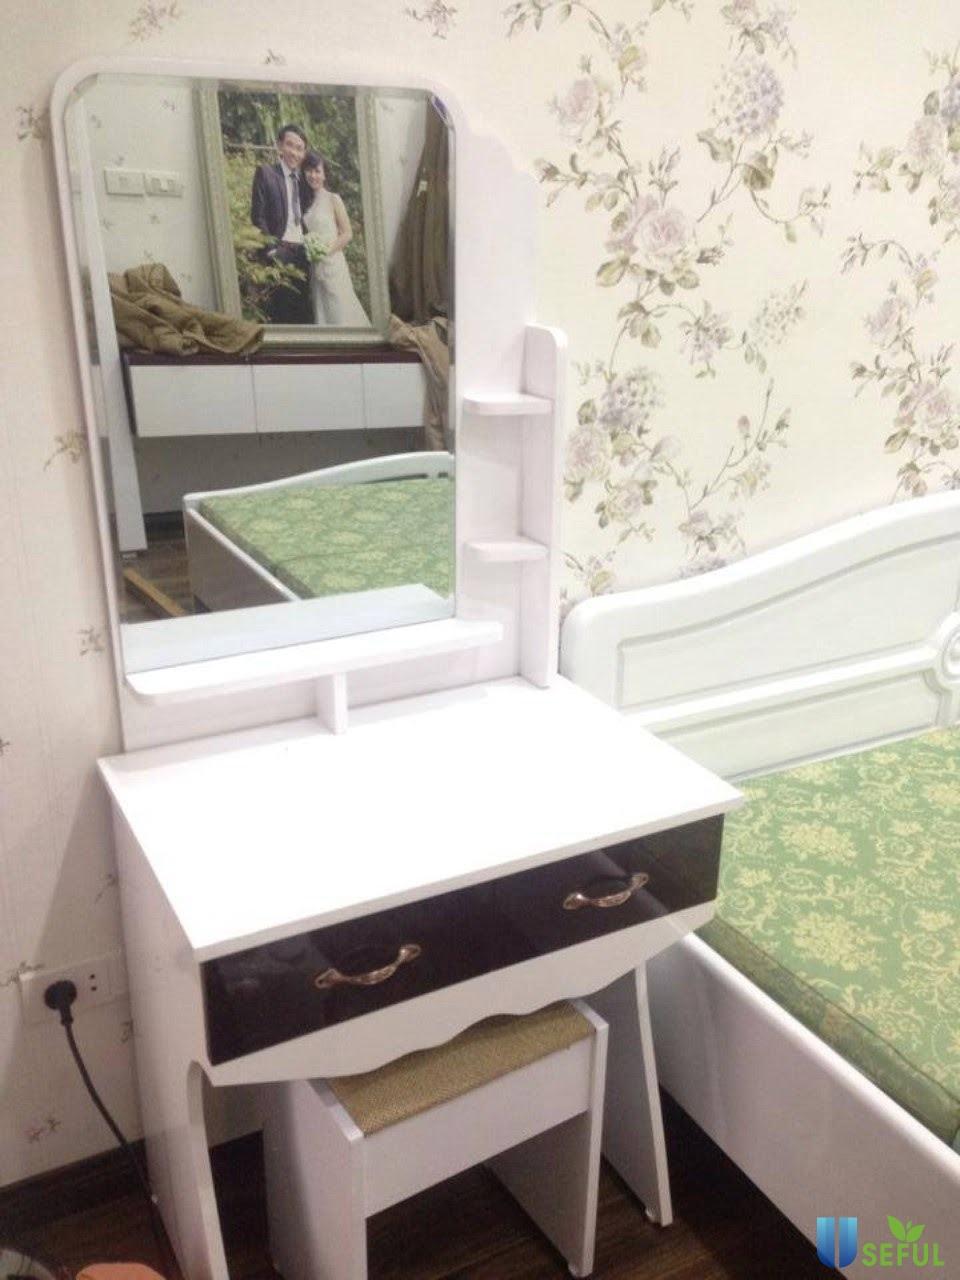 Bàn trang điểm nhựa thiết kế đơn giản mẫu 1 vừa đơn giản lại nhỏ gọn phù hợp với căn phòng có không gian nhỏ và vừa